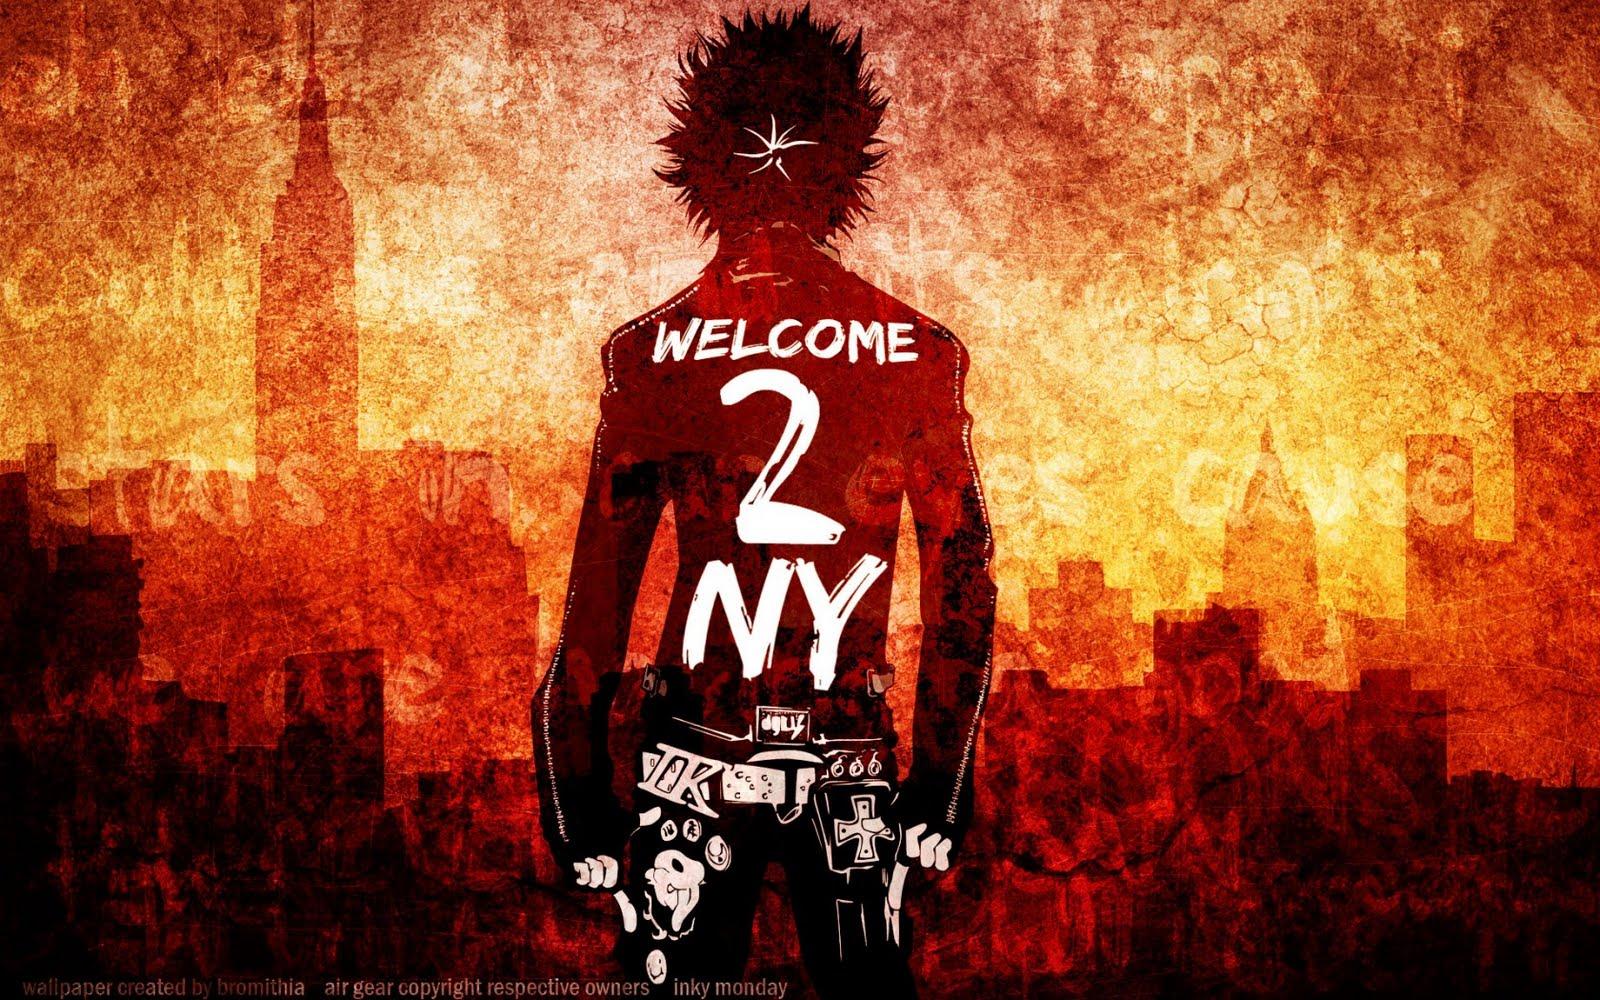 http://4.bp.blogspot.com/-fxCO11Mgj_8/TaUEfFfnbWI/AAAAAAAAABY/5_vnUaD117k/s1600/Air+Gear+Ikky+%2528+Welcome+to+NY+%2529.jpg